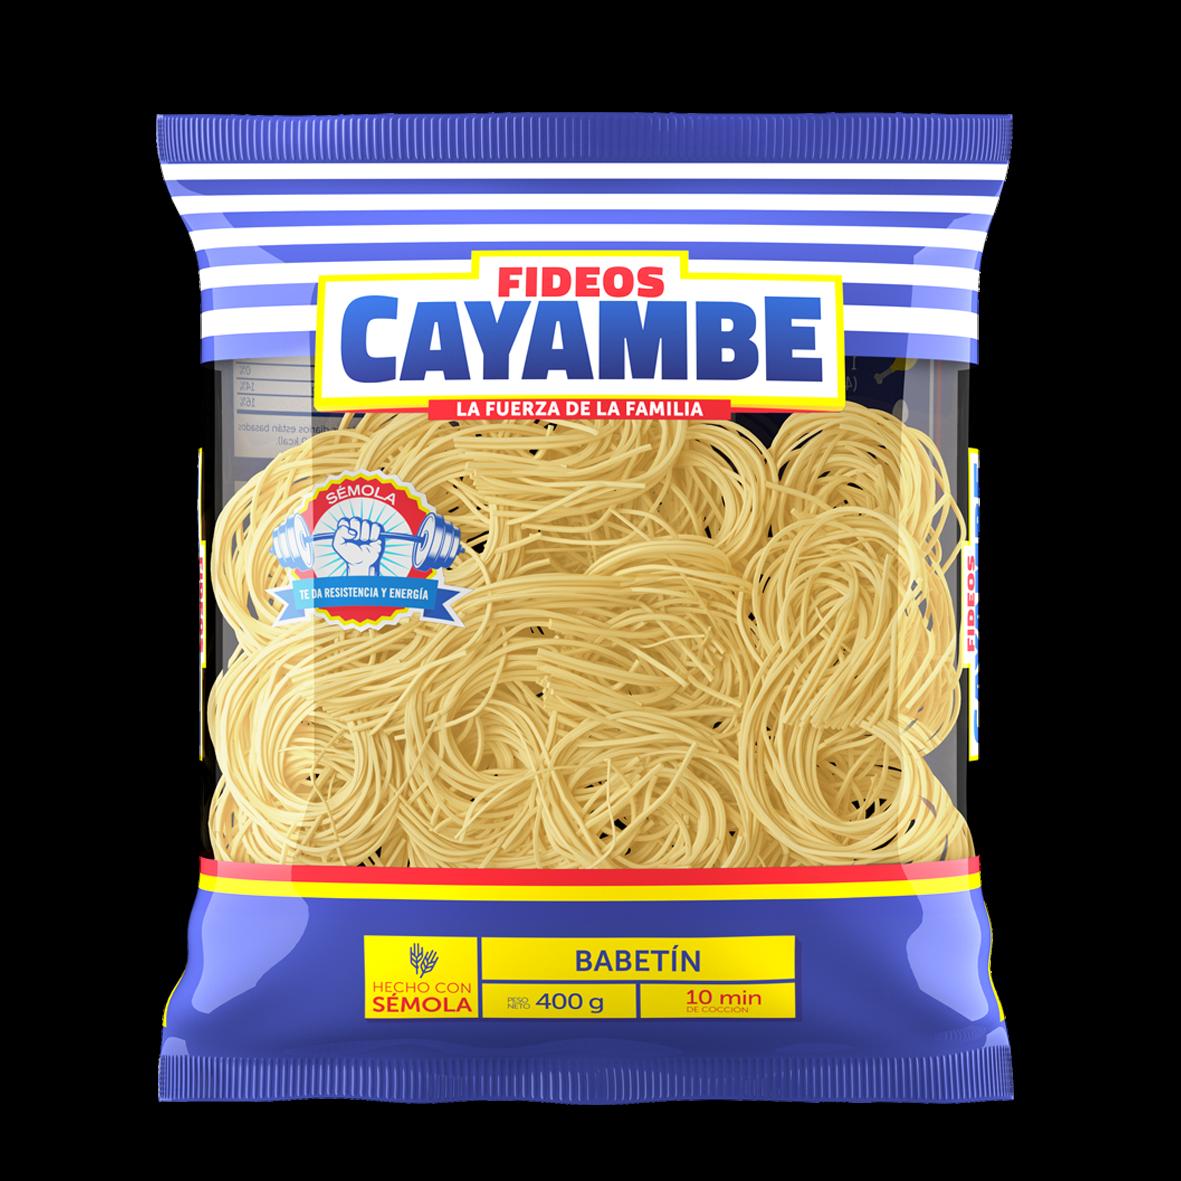 Fideos Cayambe la mejor opción en la alimentación de los ecuatorianos